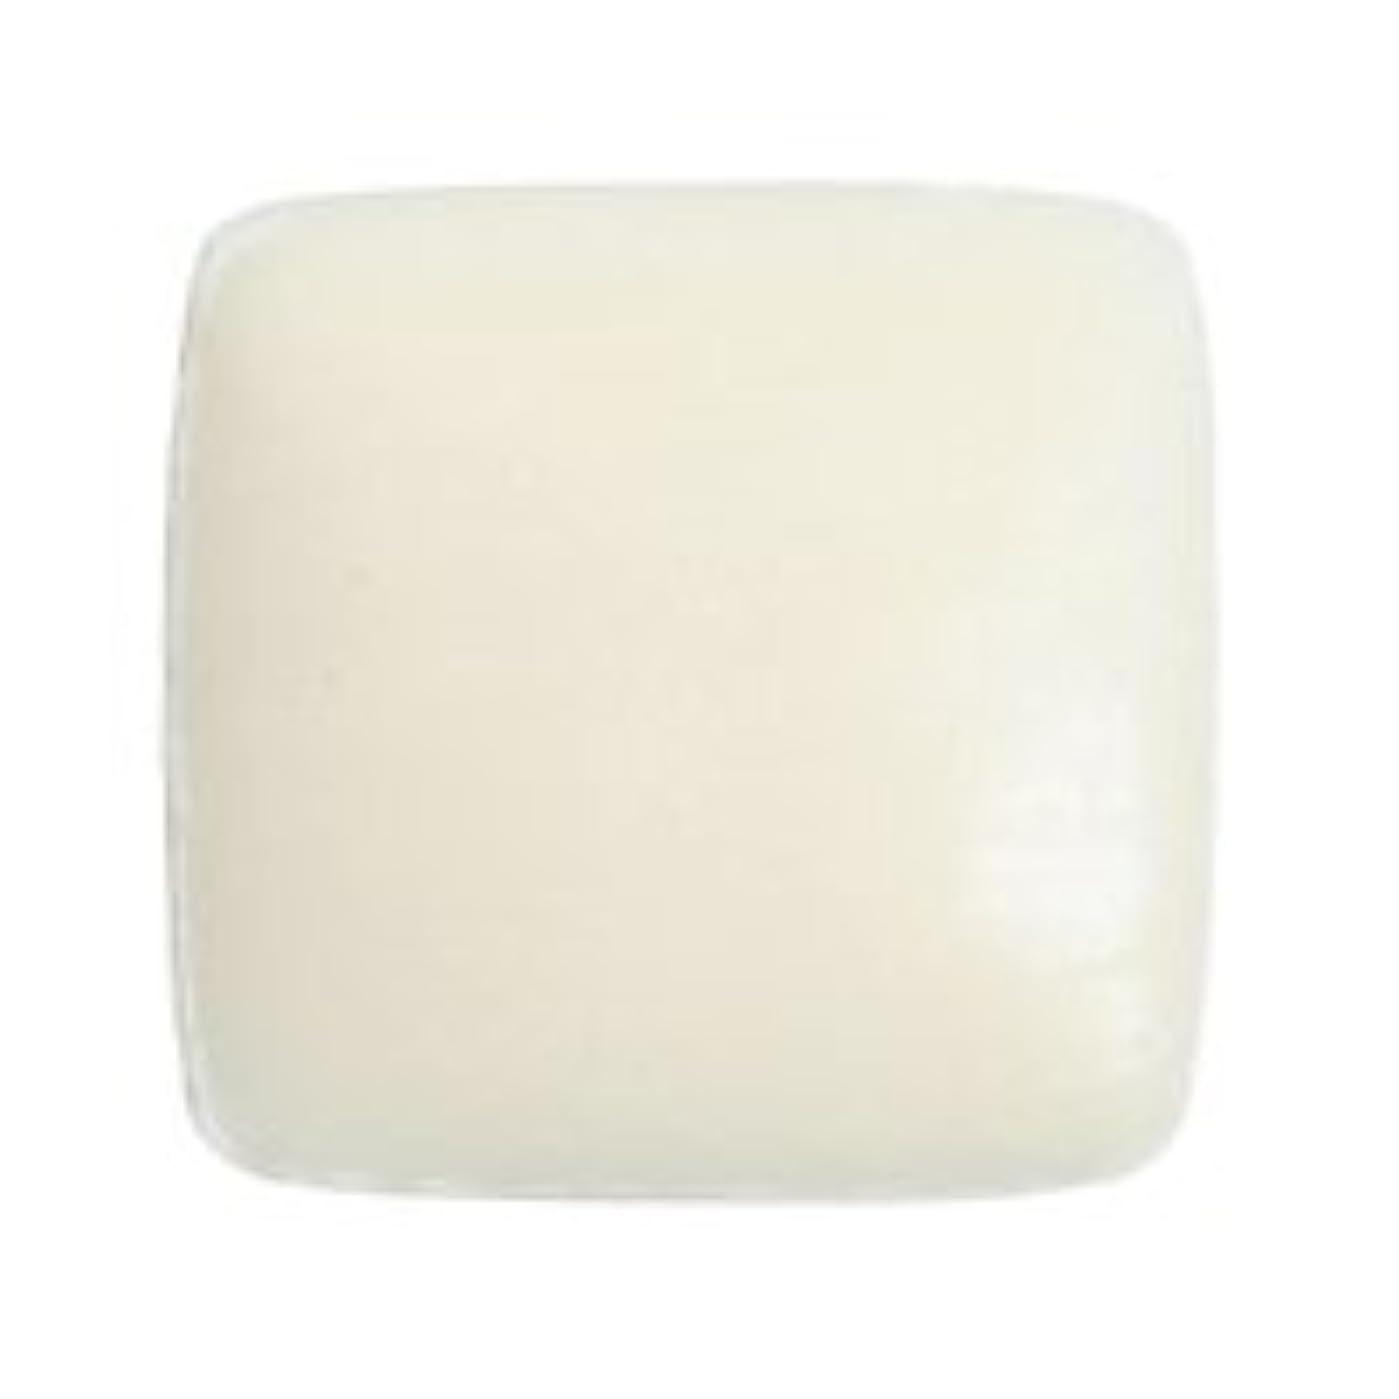 好意的レビュー驚いたことにドクターY ホワイトクレイソープ80g 固形石鹸